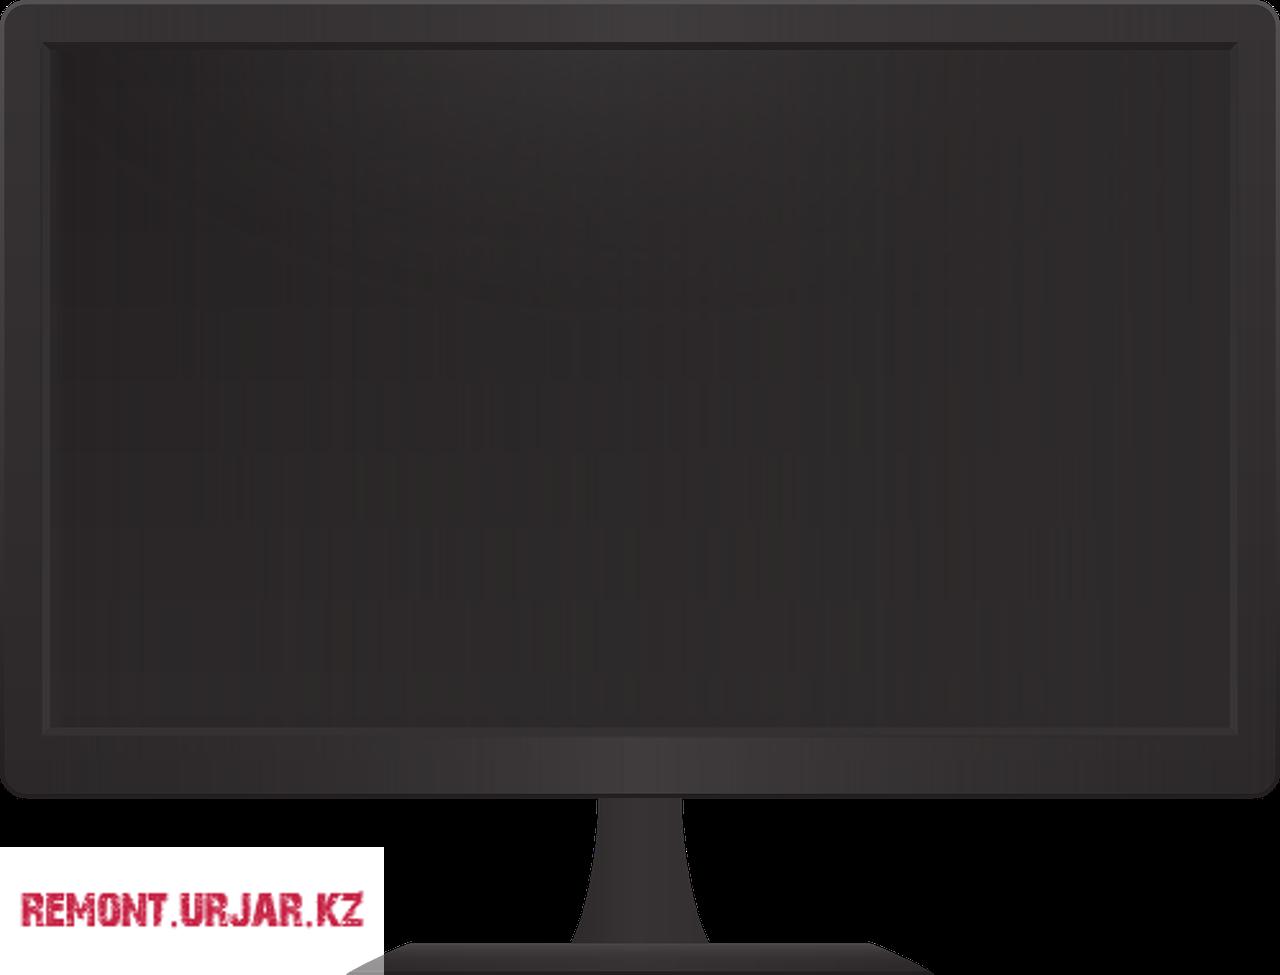 Отсутствует изображение на экране компьютера